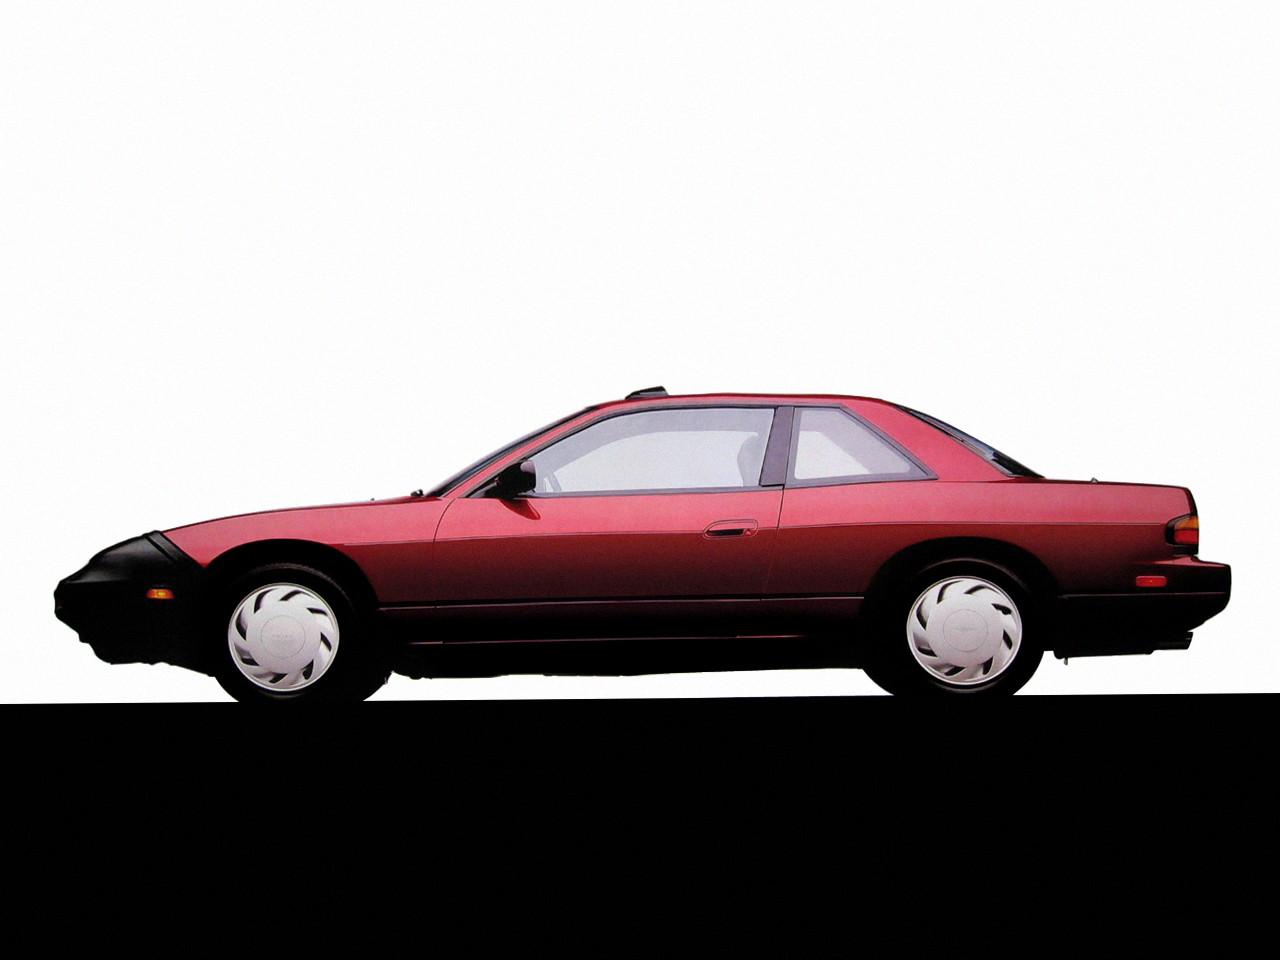 Nissan 240SX Coupe, Wanbia, Onevia, USDM, differences, czym się różni 200SX od 240SX, informacje, zdjęcia